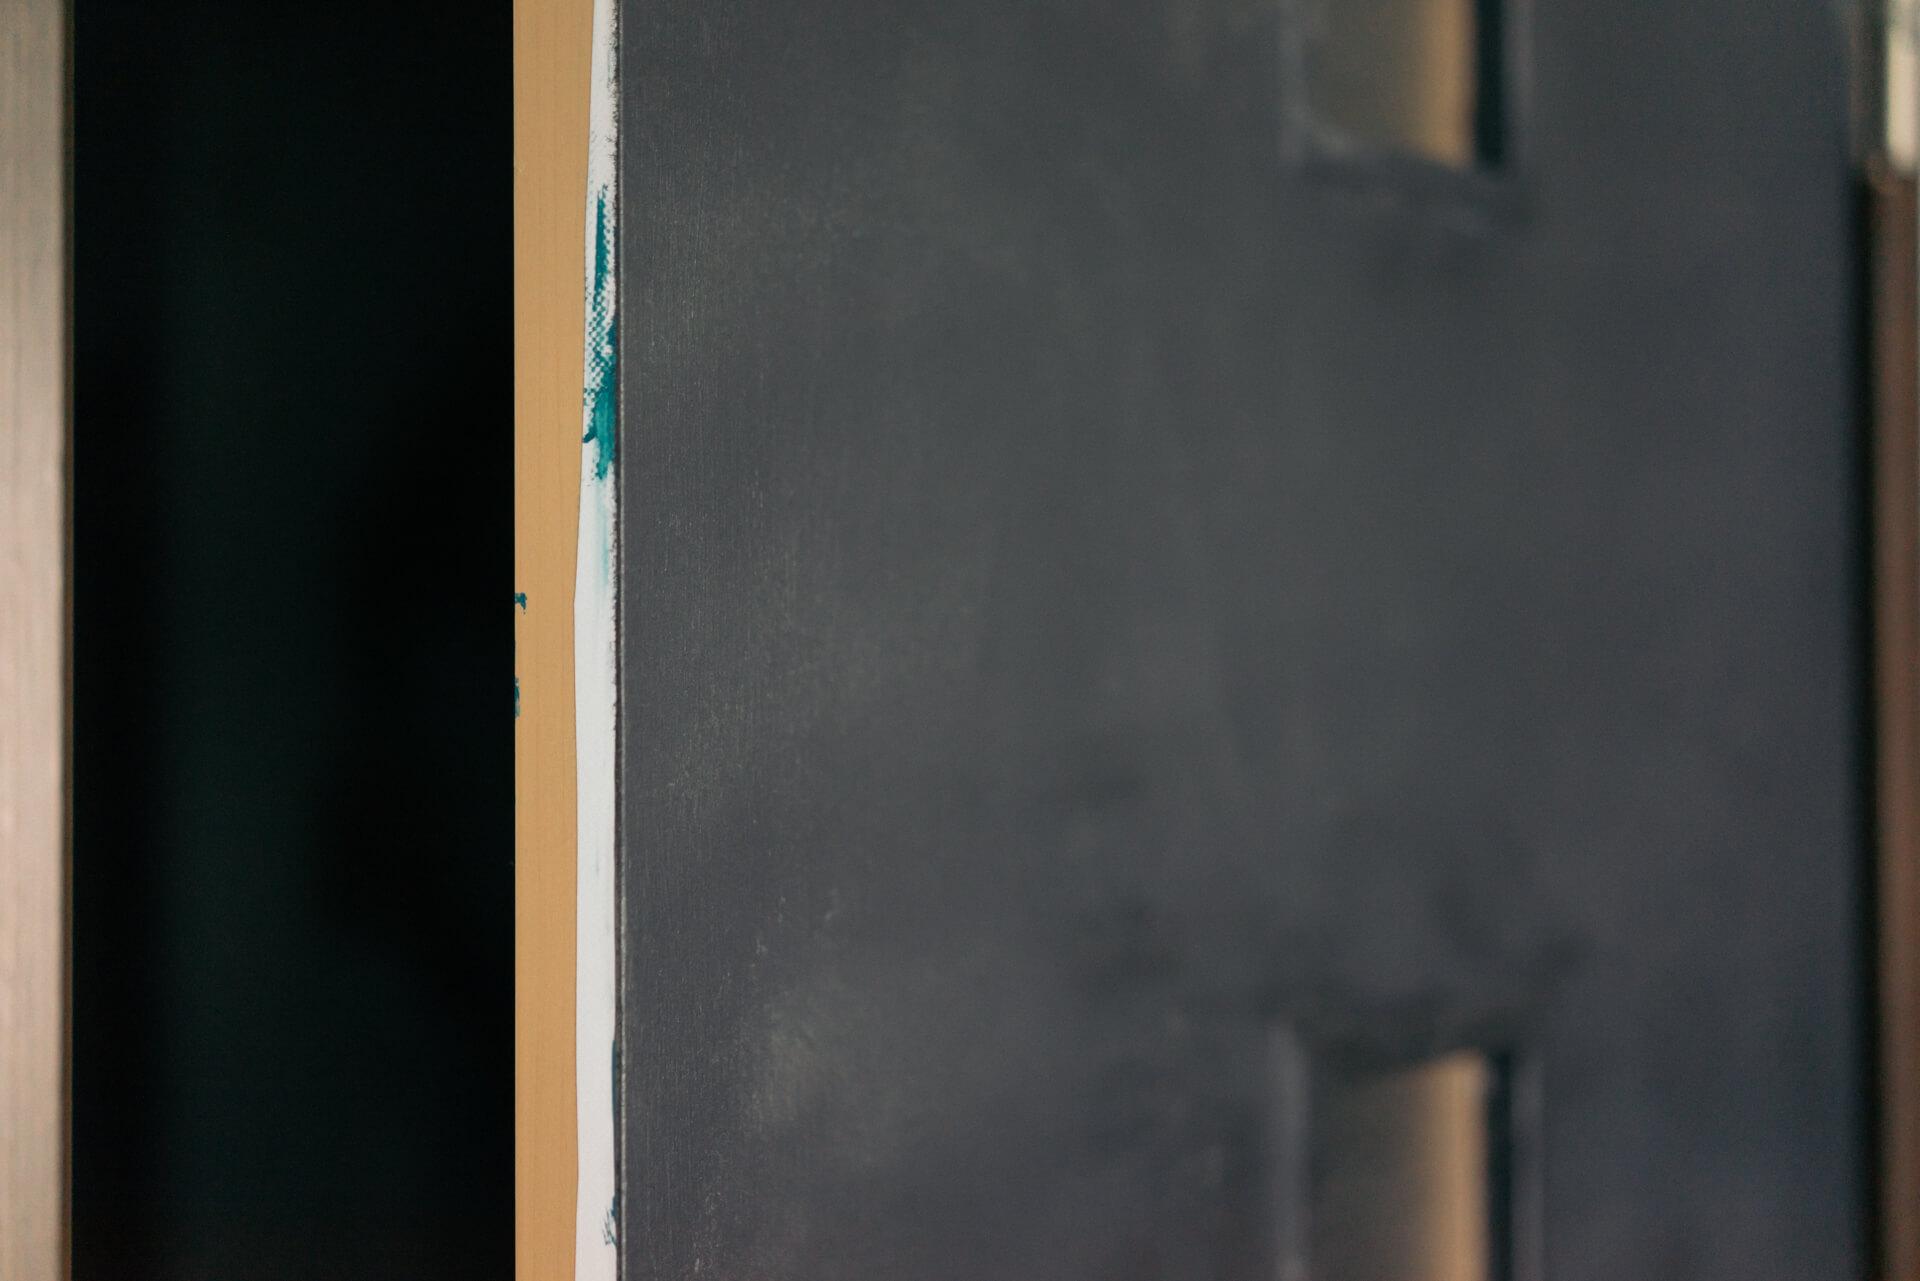 ドアやクローゼット扉は、「Hatte me(ハッテミー)」という貼ってはがせる下地用粘着シートの上から塗装をして。よく見ると塗り直した跡が。雰囲気を変えたくなったら、塗り替えられるので便利ですね。